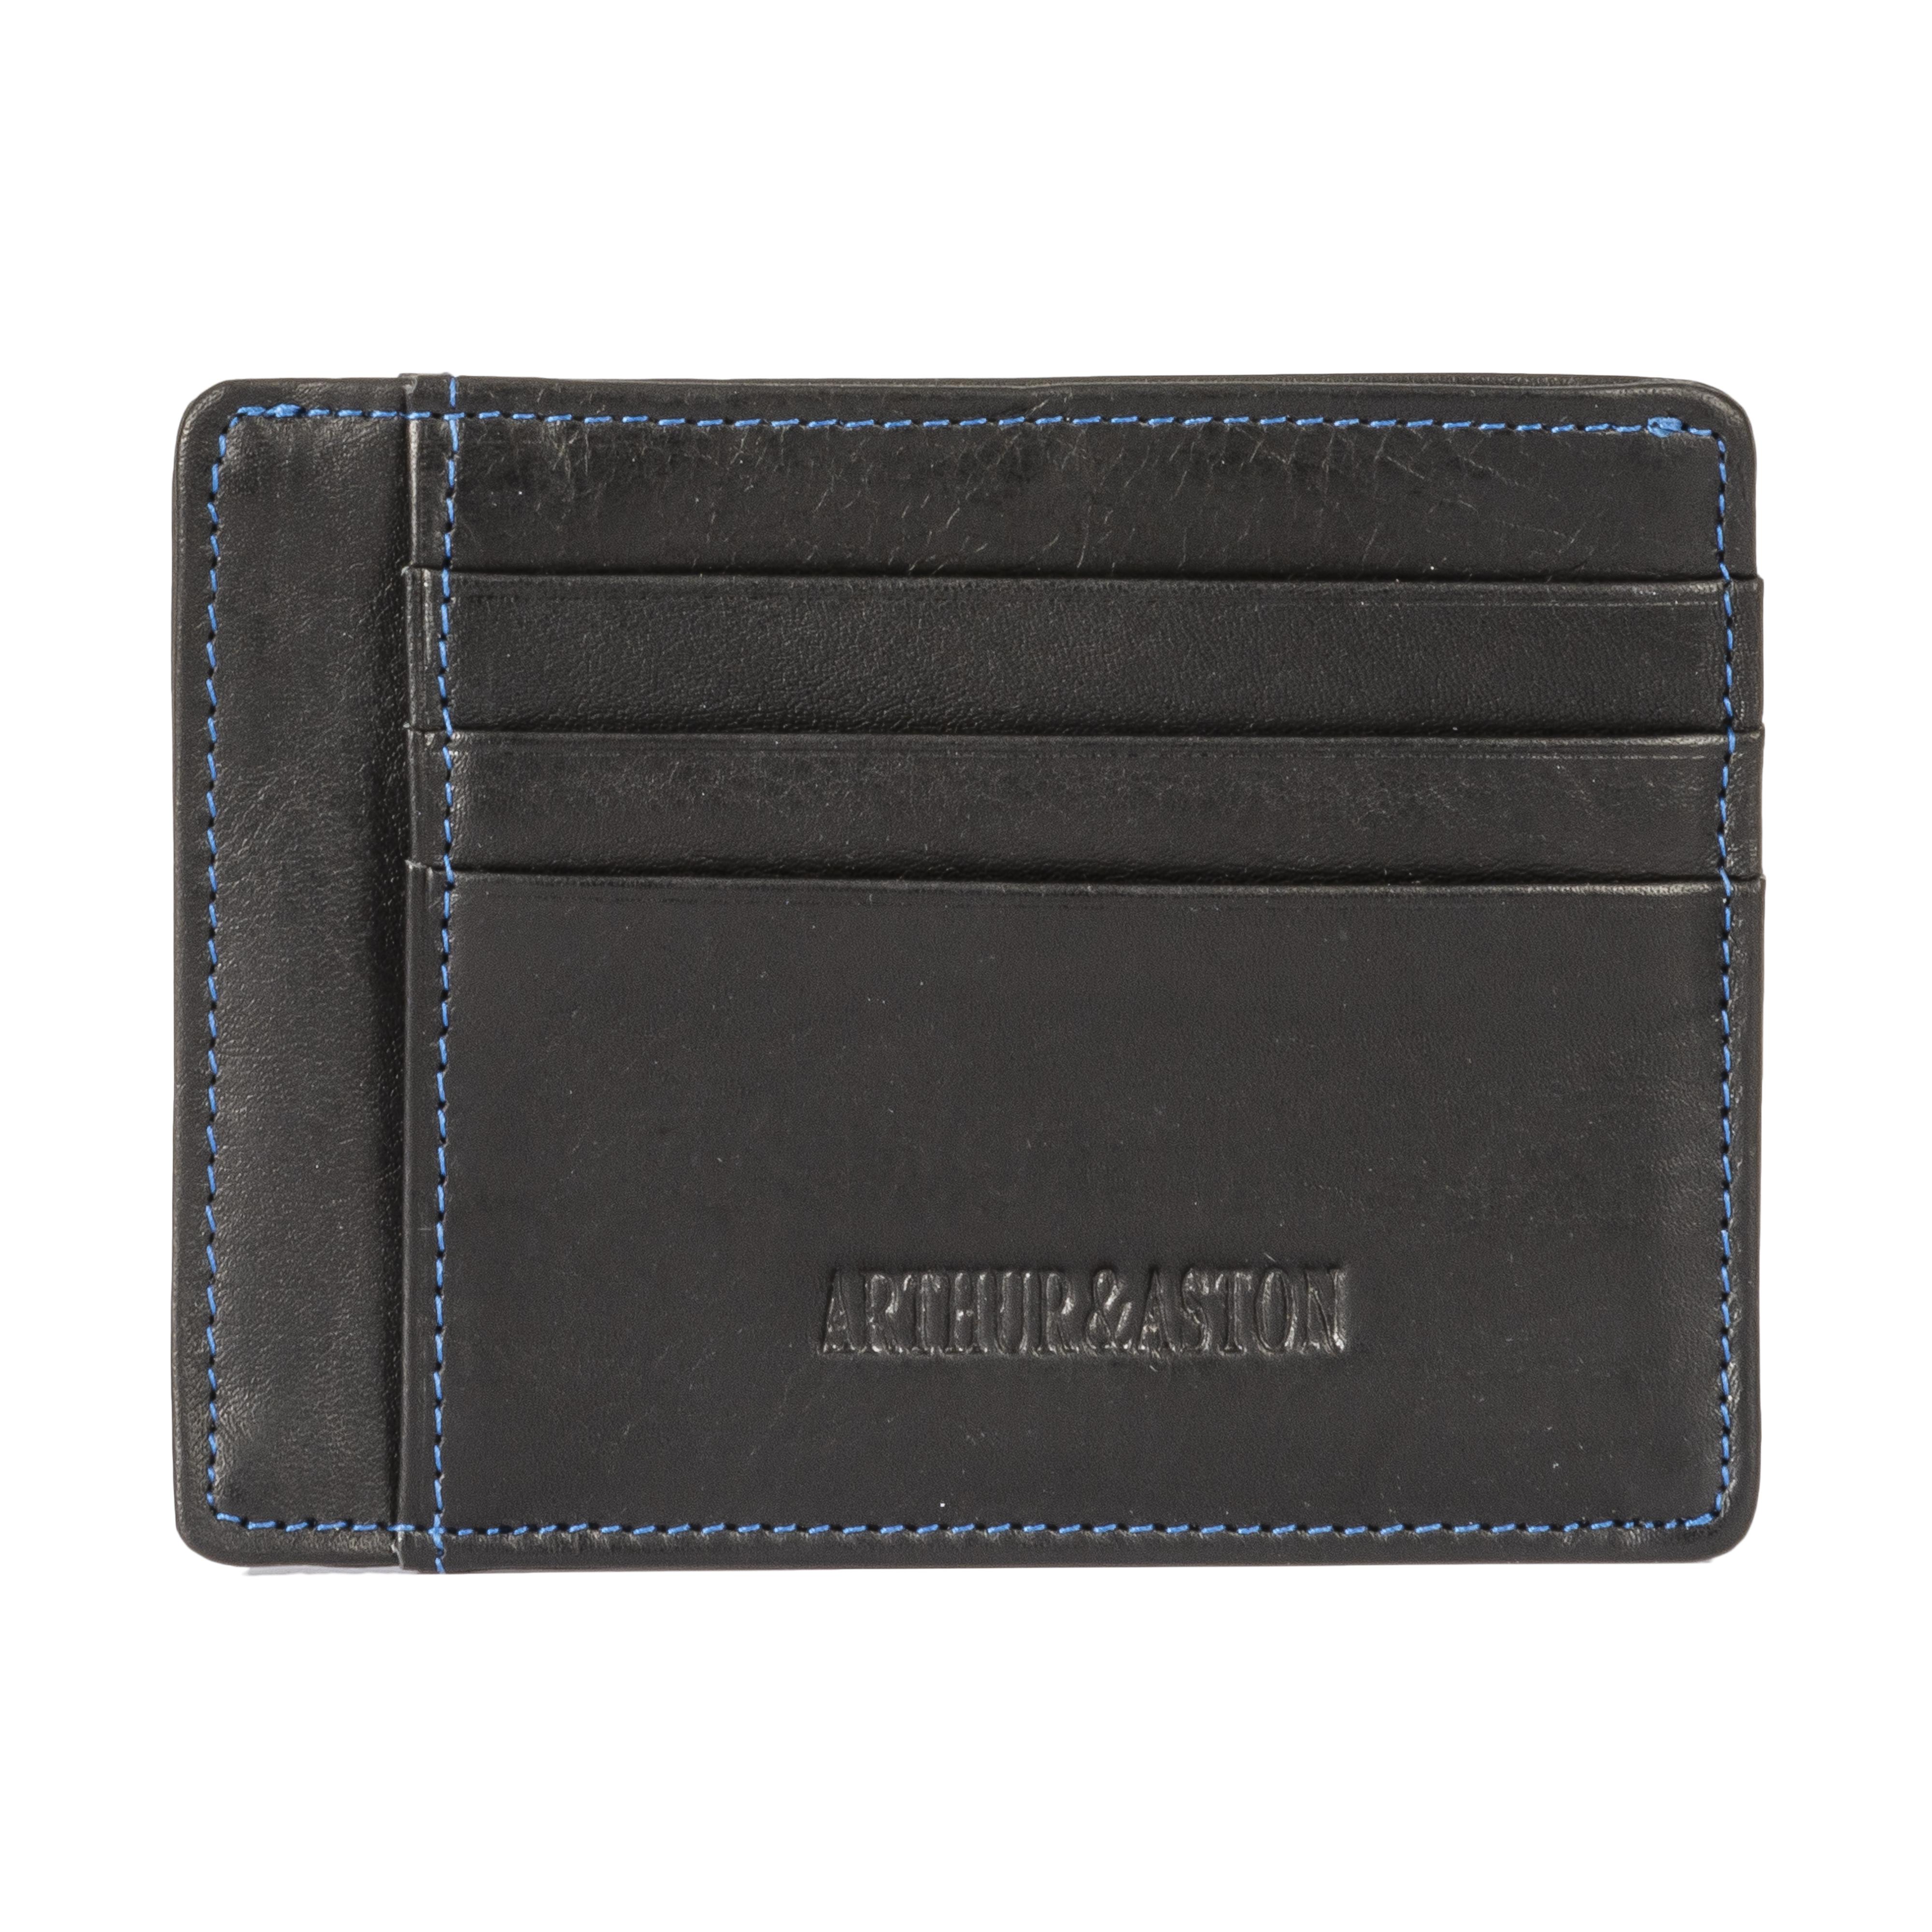 Porte-carte italien arthur & aston en cuir noir à surpiqûres bleues